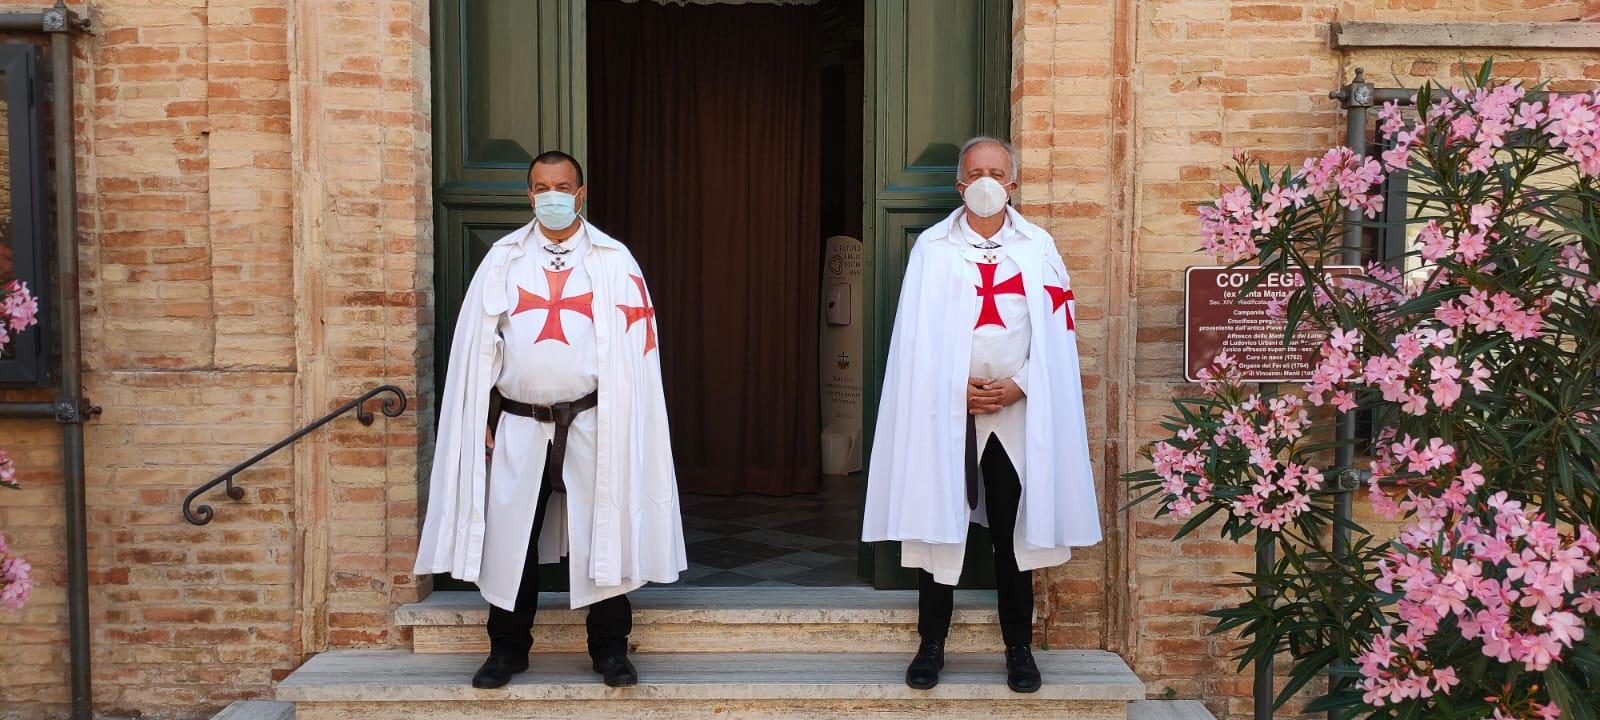 Sante Messe Domenicali nella Chiesa Collegiata di San Lorenzo Martire a Montecosaro (MC)